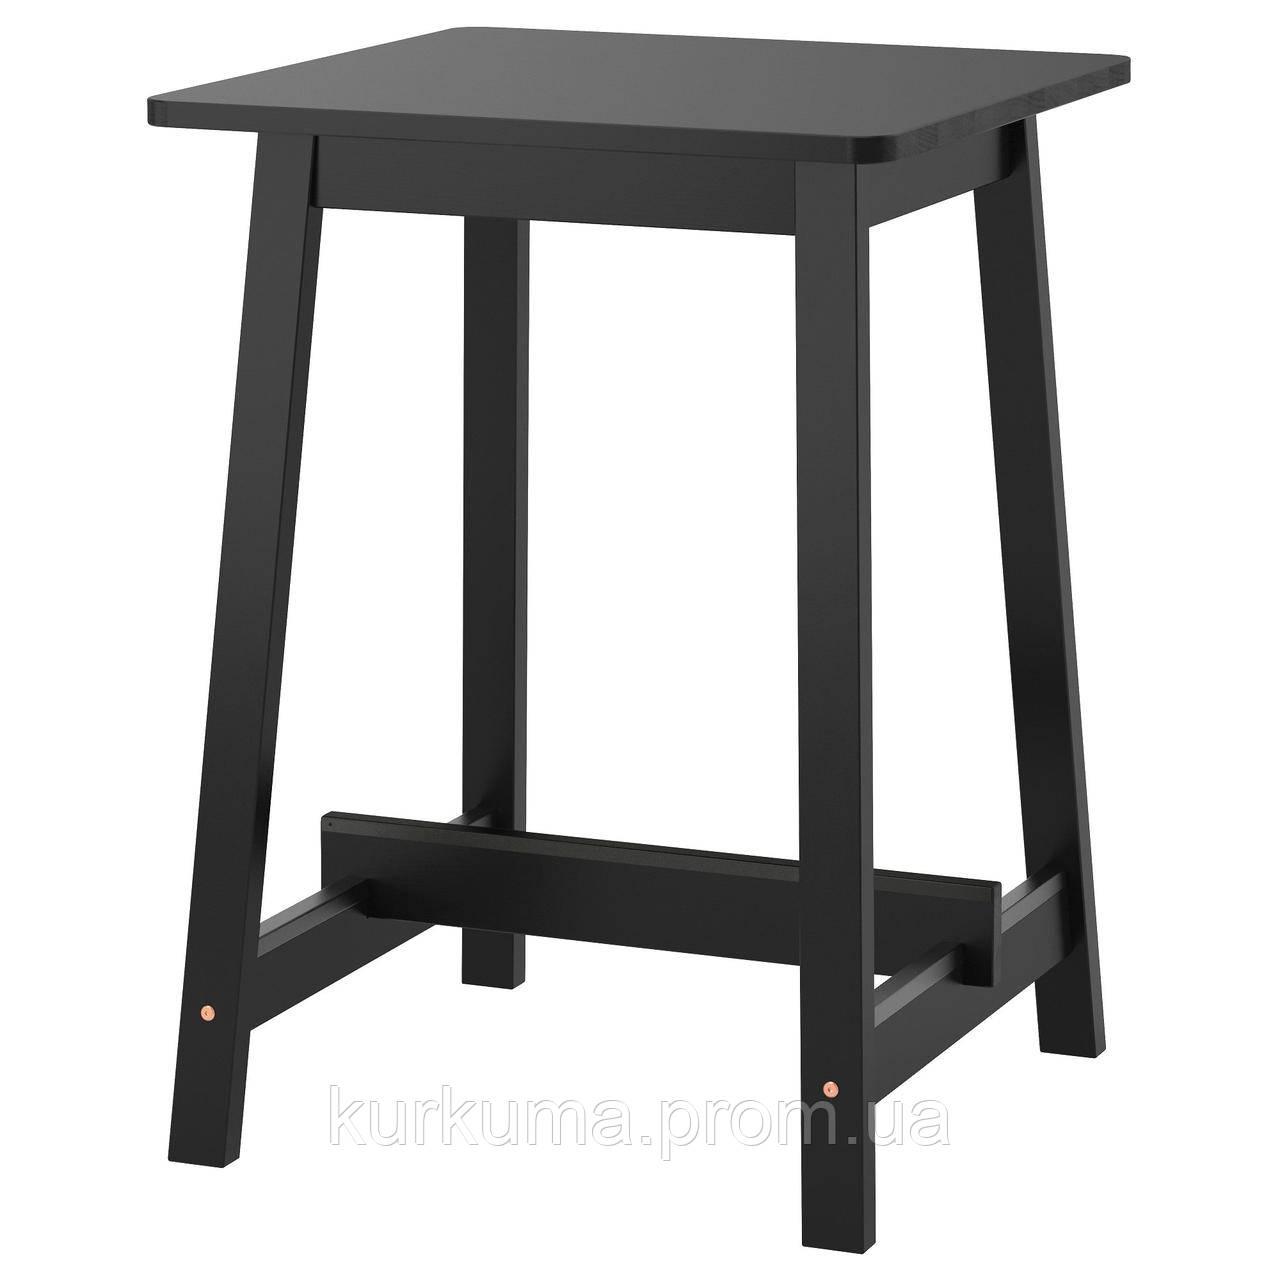 IKEA NORRAKER Барный стол, черный  (403.390.04)